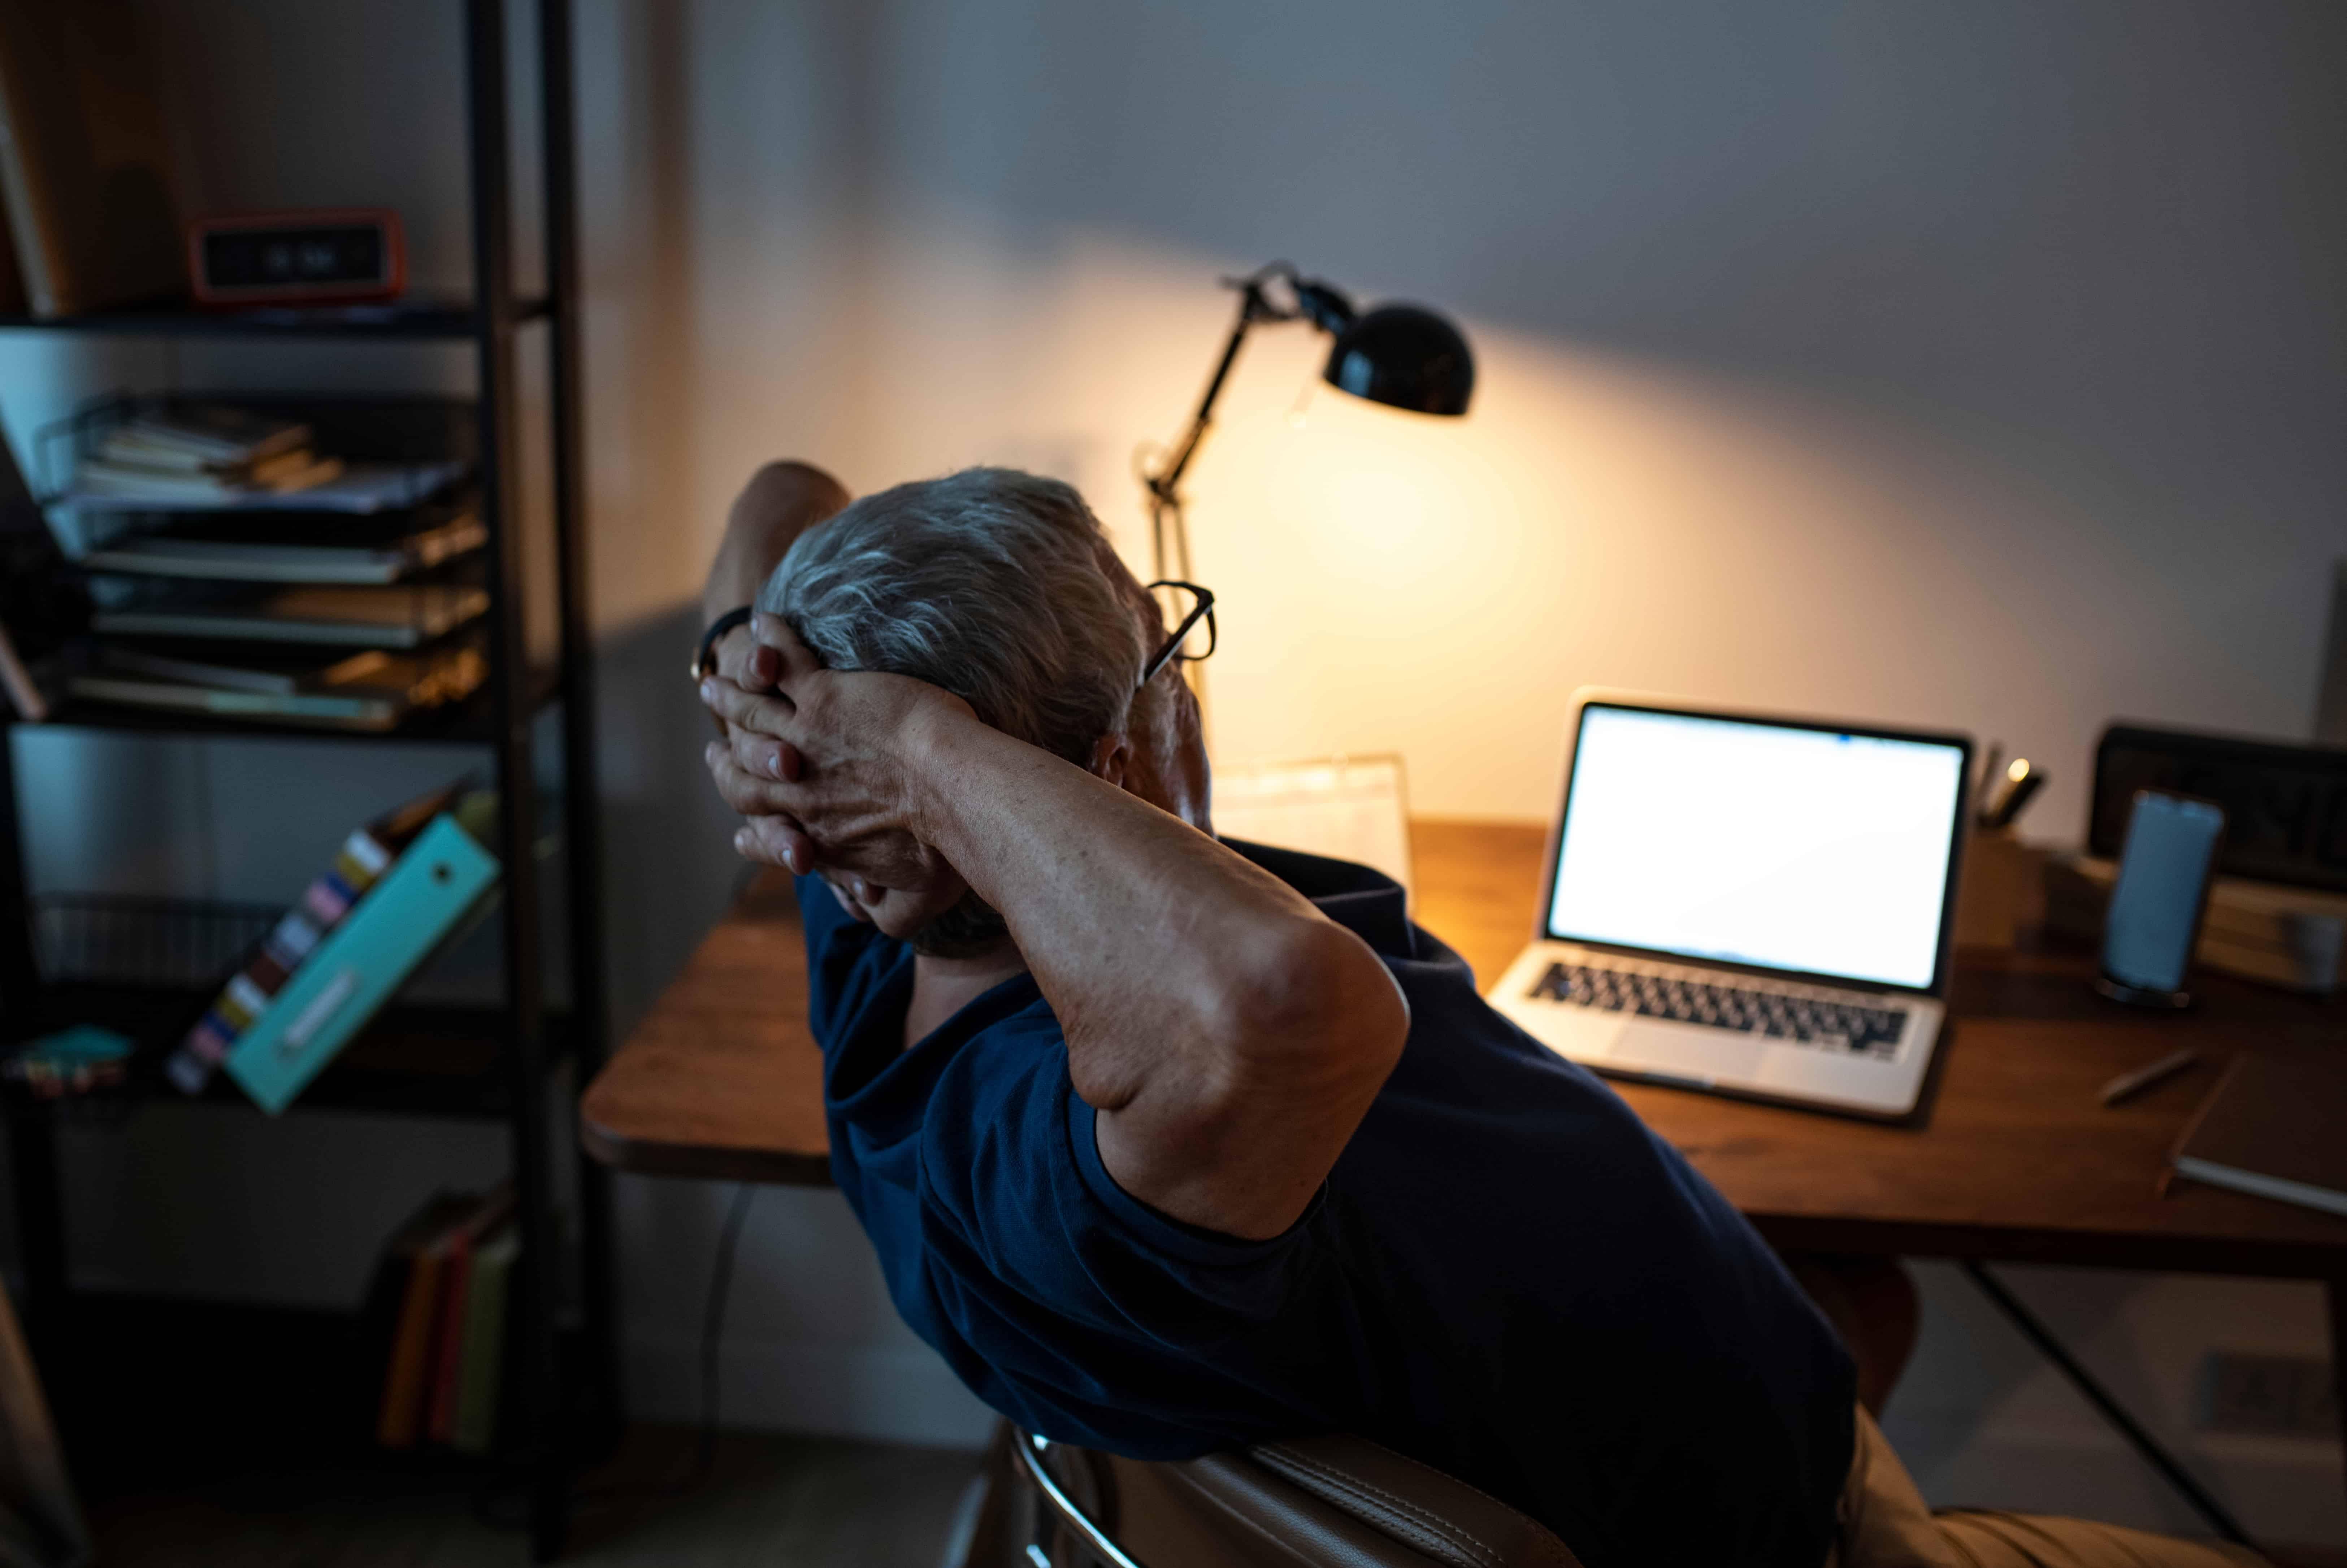 Spánok, zdravie, chudnutie - tieto veci sú viac prepojené, ako si myslíš